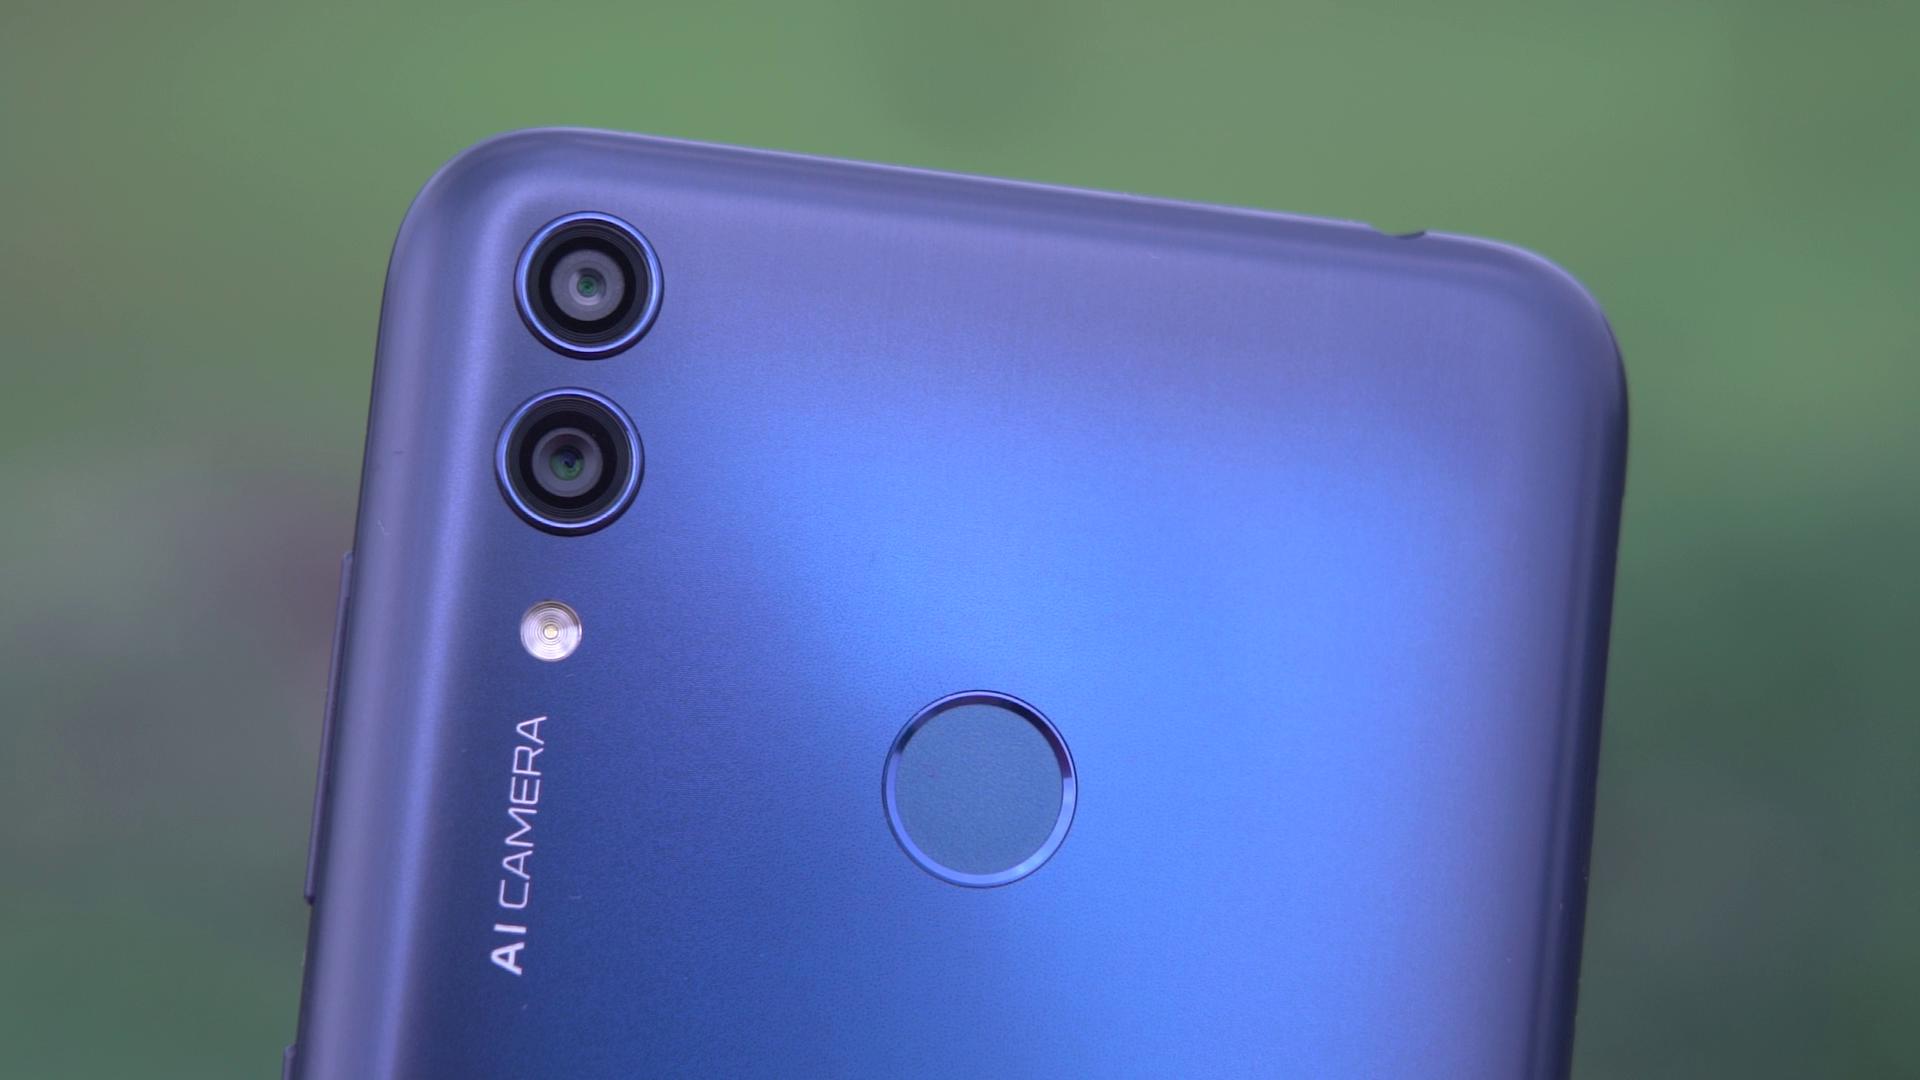 المقارنة الكاملة بين هاتف Honor 8C وبين هاتف Huawei Y6 2019